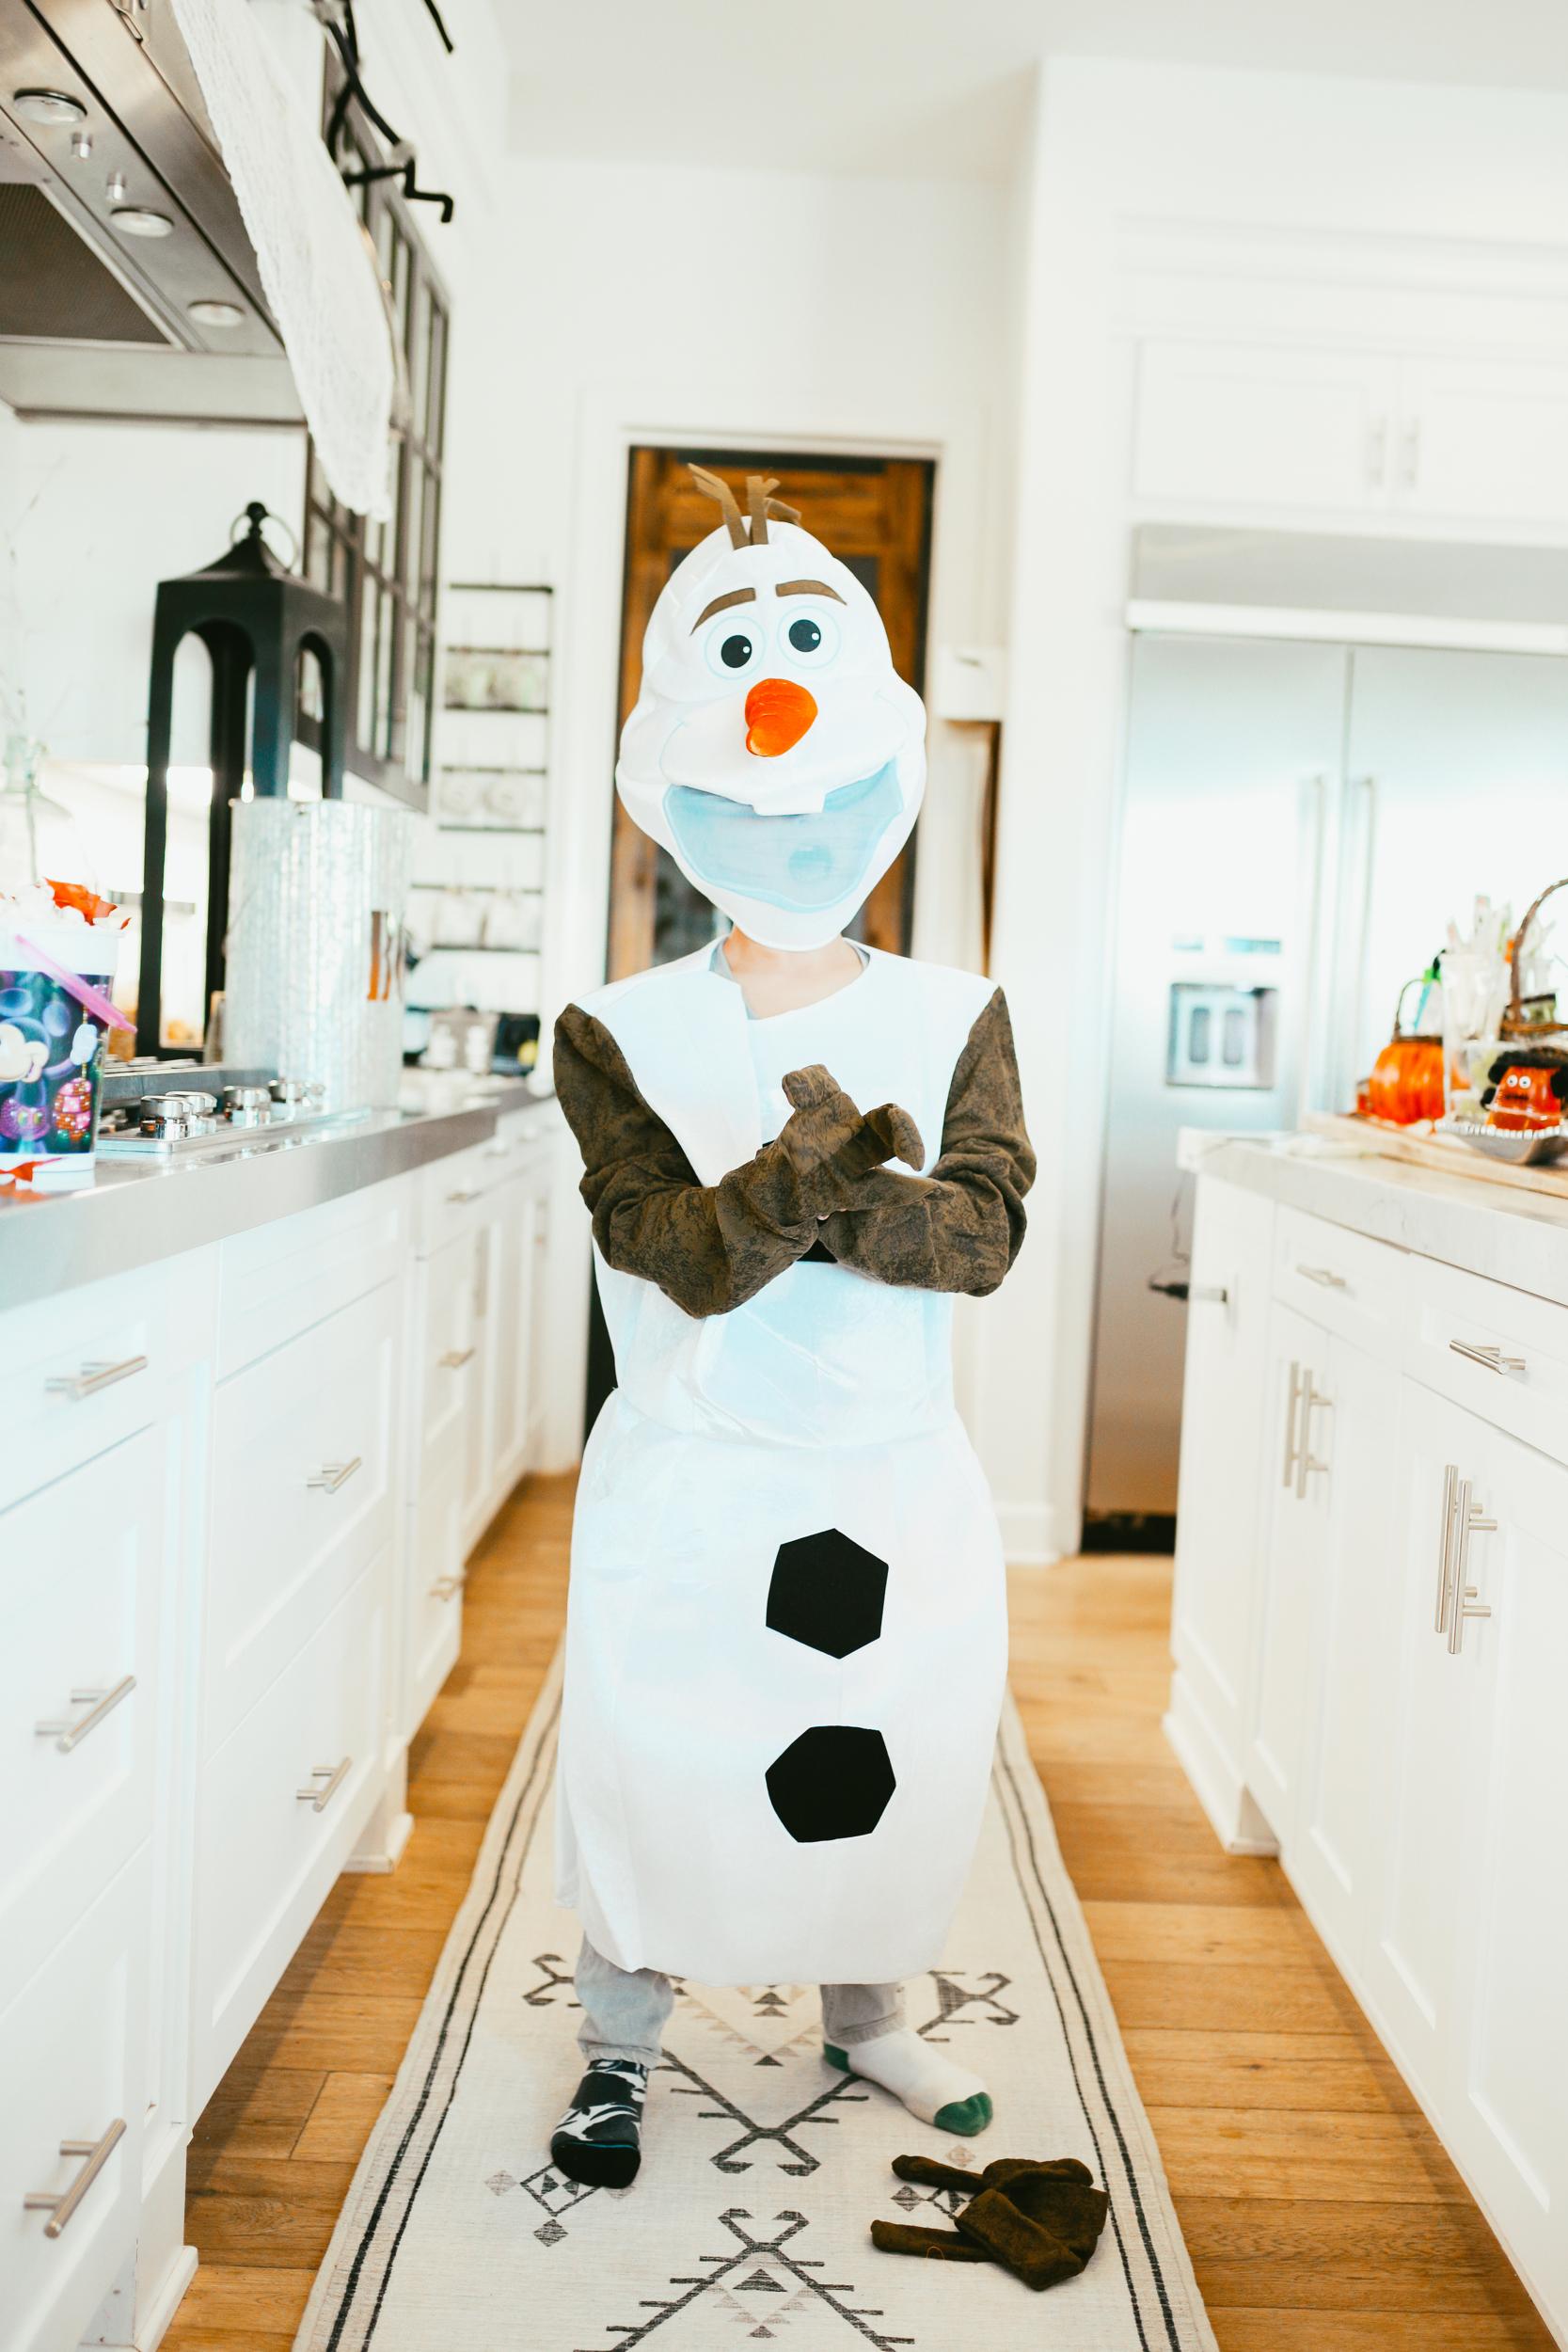 kid dressed as snowman